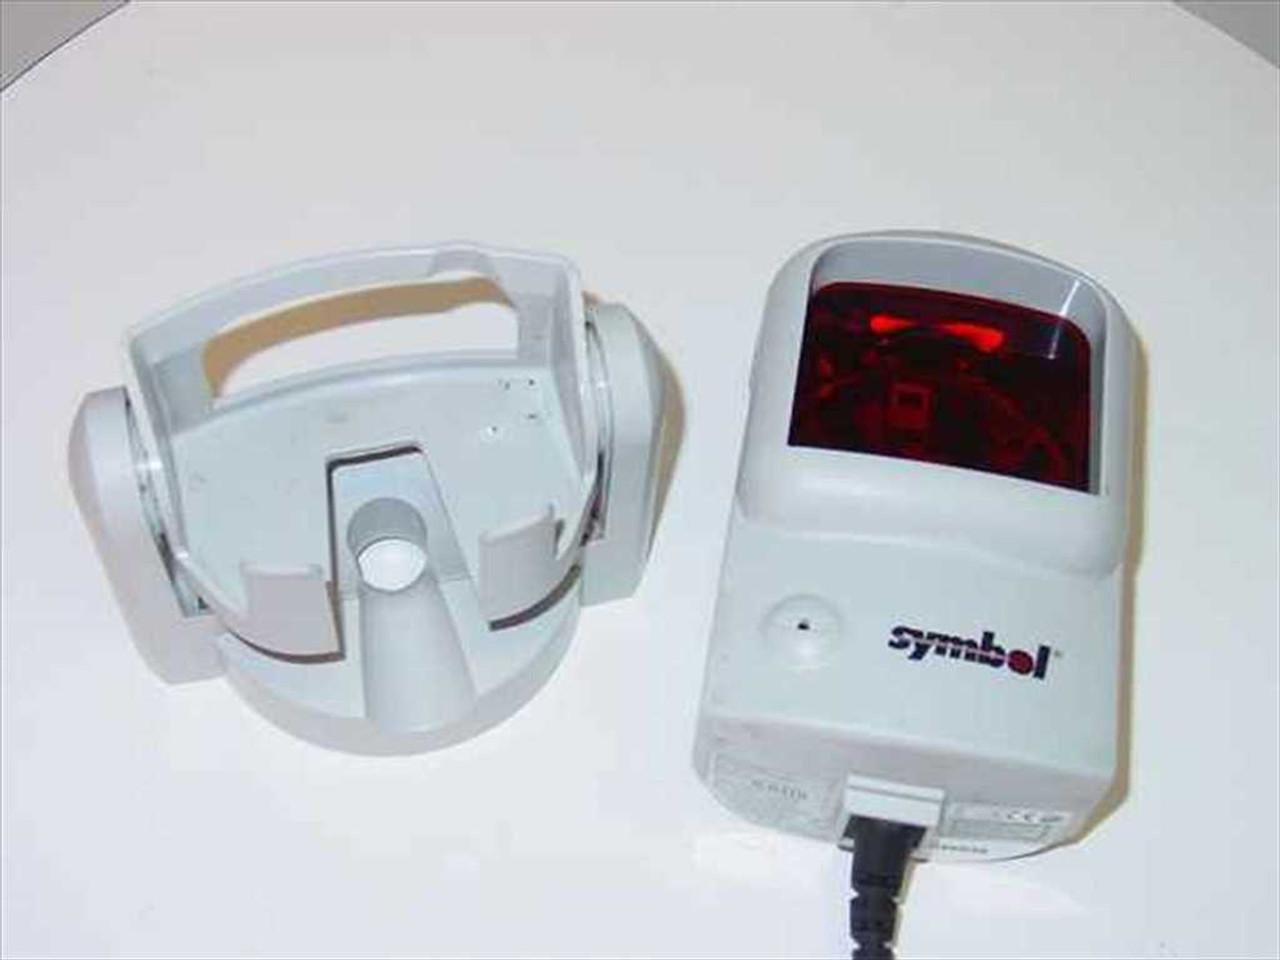 Symbol Ls 9100 400ba Handheld Barcode Scanner Cracked Case